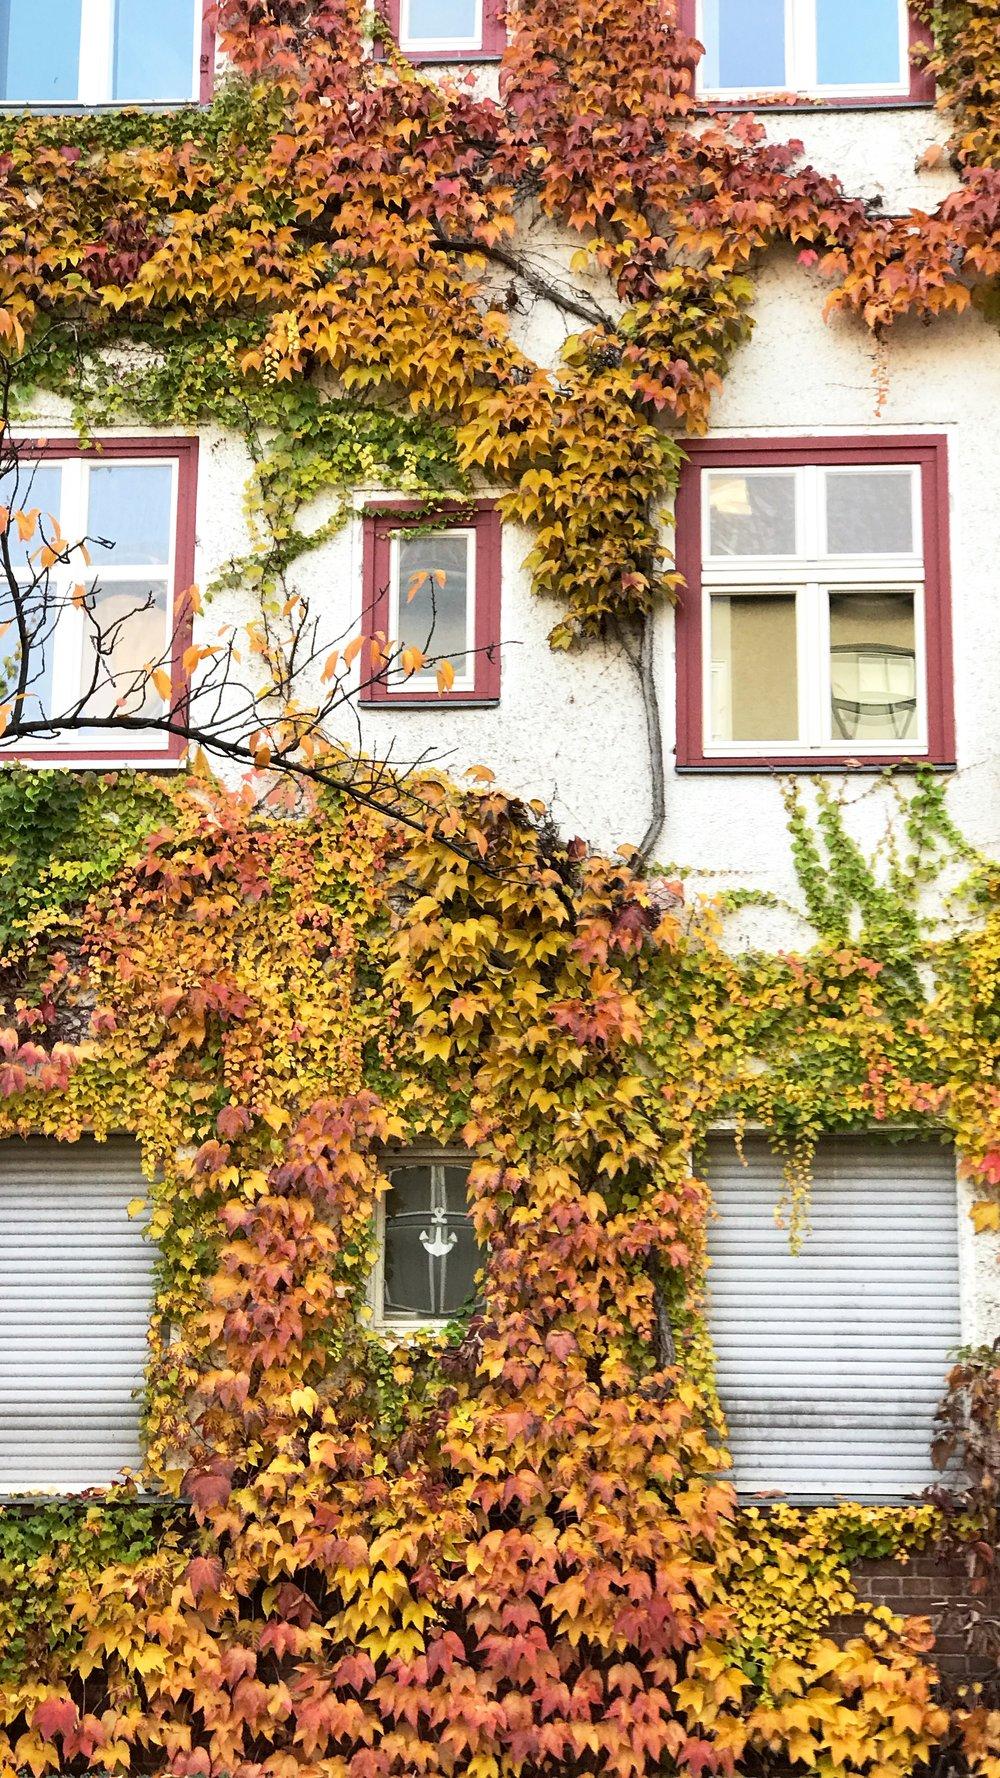 Fall in Berlin. So much change.